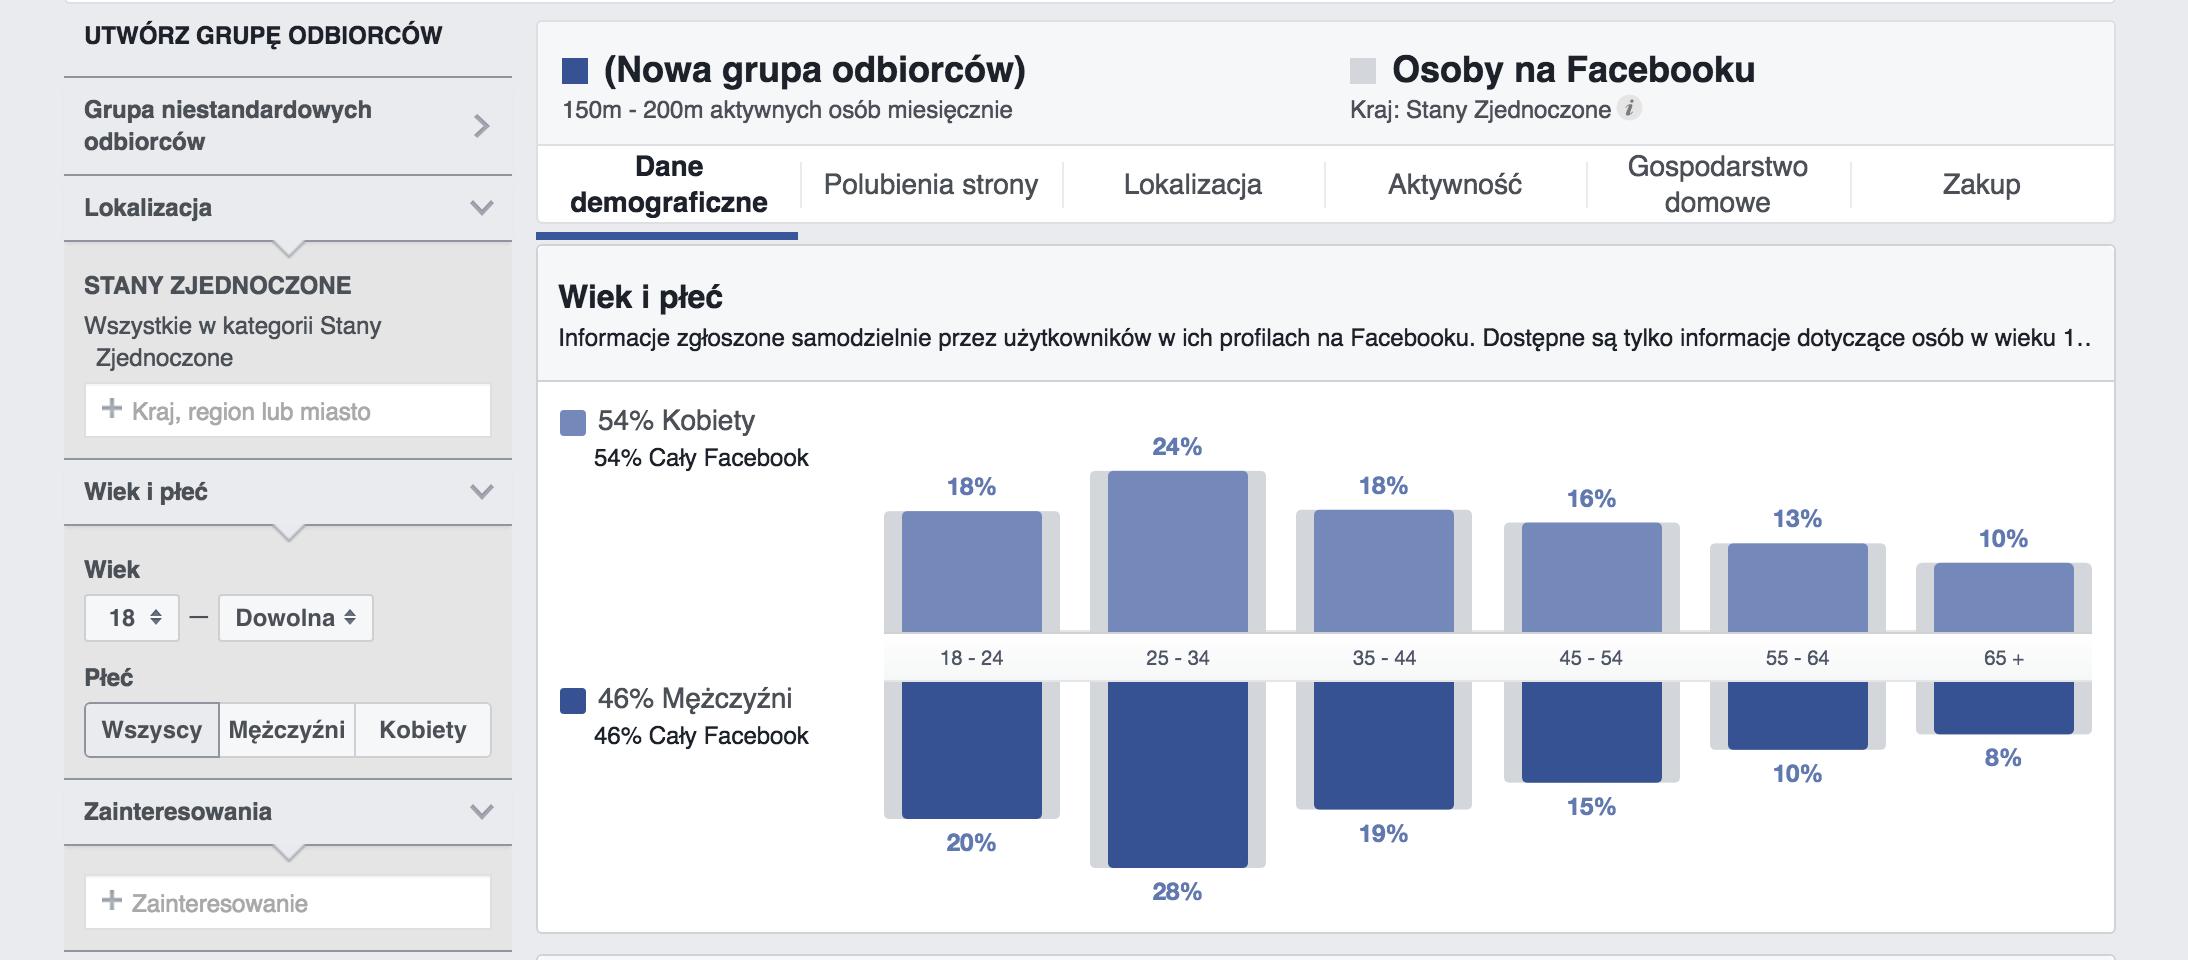 statystyki grupy odbiorców